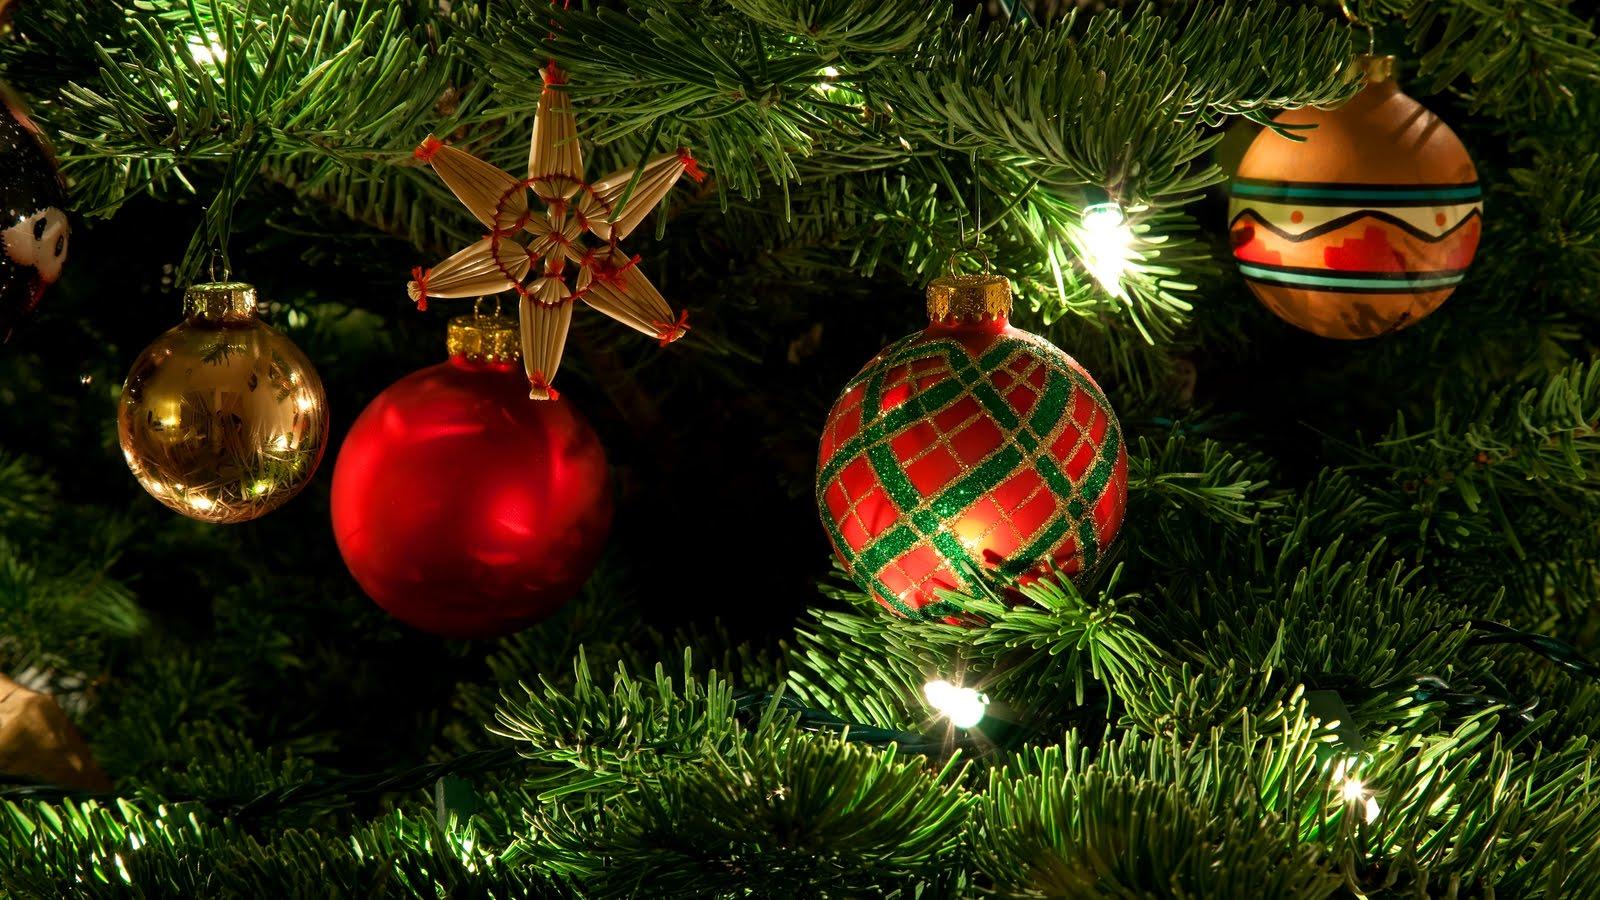 BANCO DE IMÁGENES: Arbol o pinito de Navidad con esferas de colores